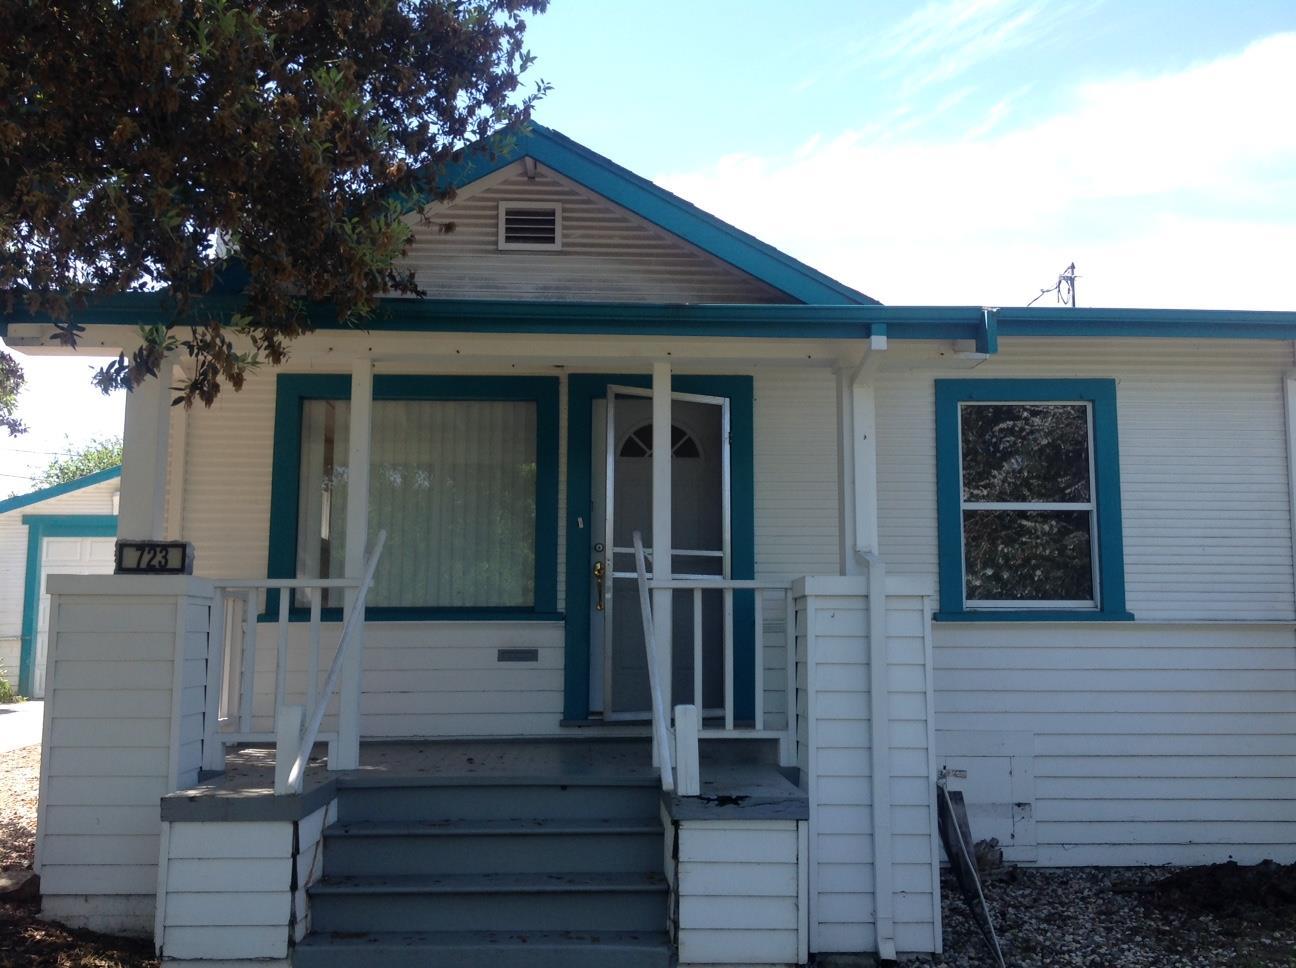 723 Benicia Rd, Vallejo, CA